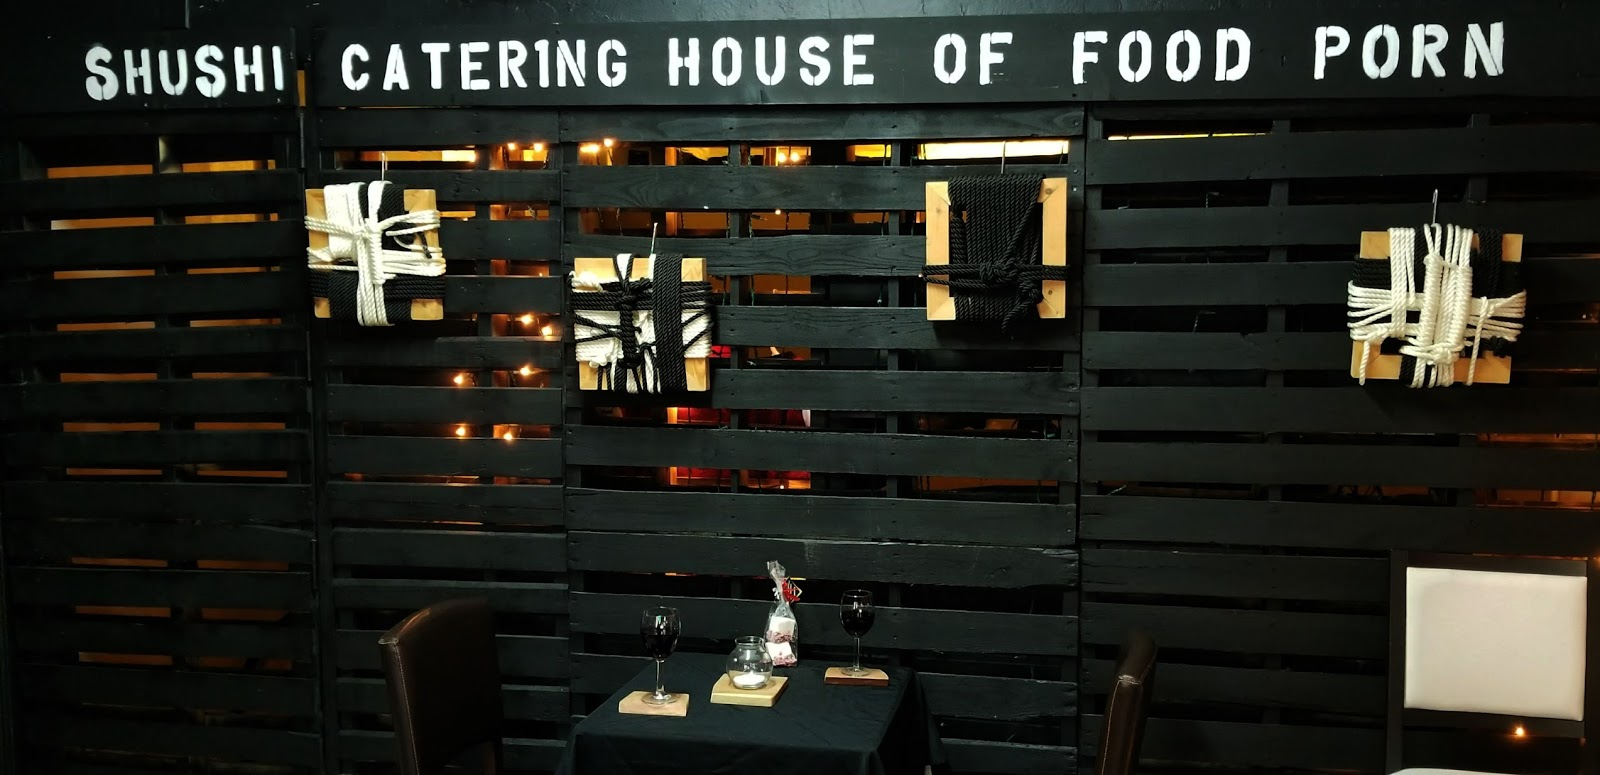 ShuShi House of Food Porn